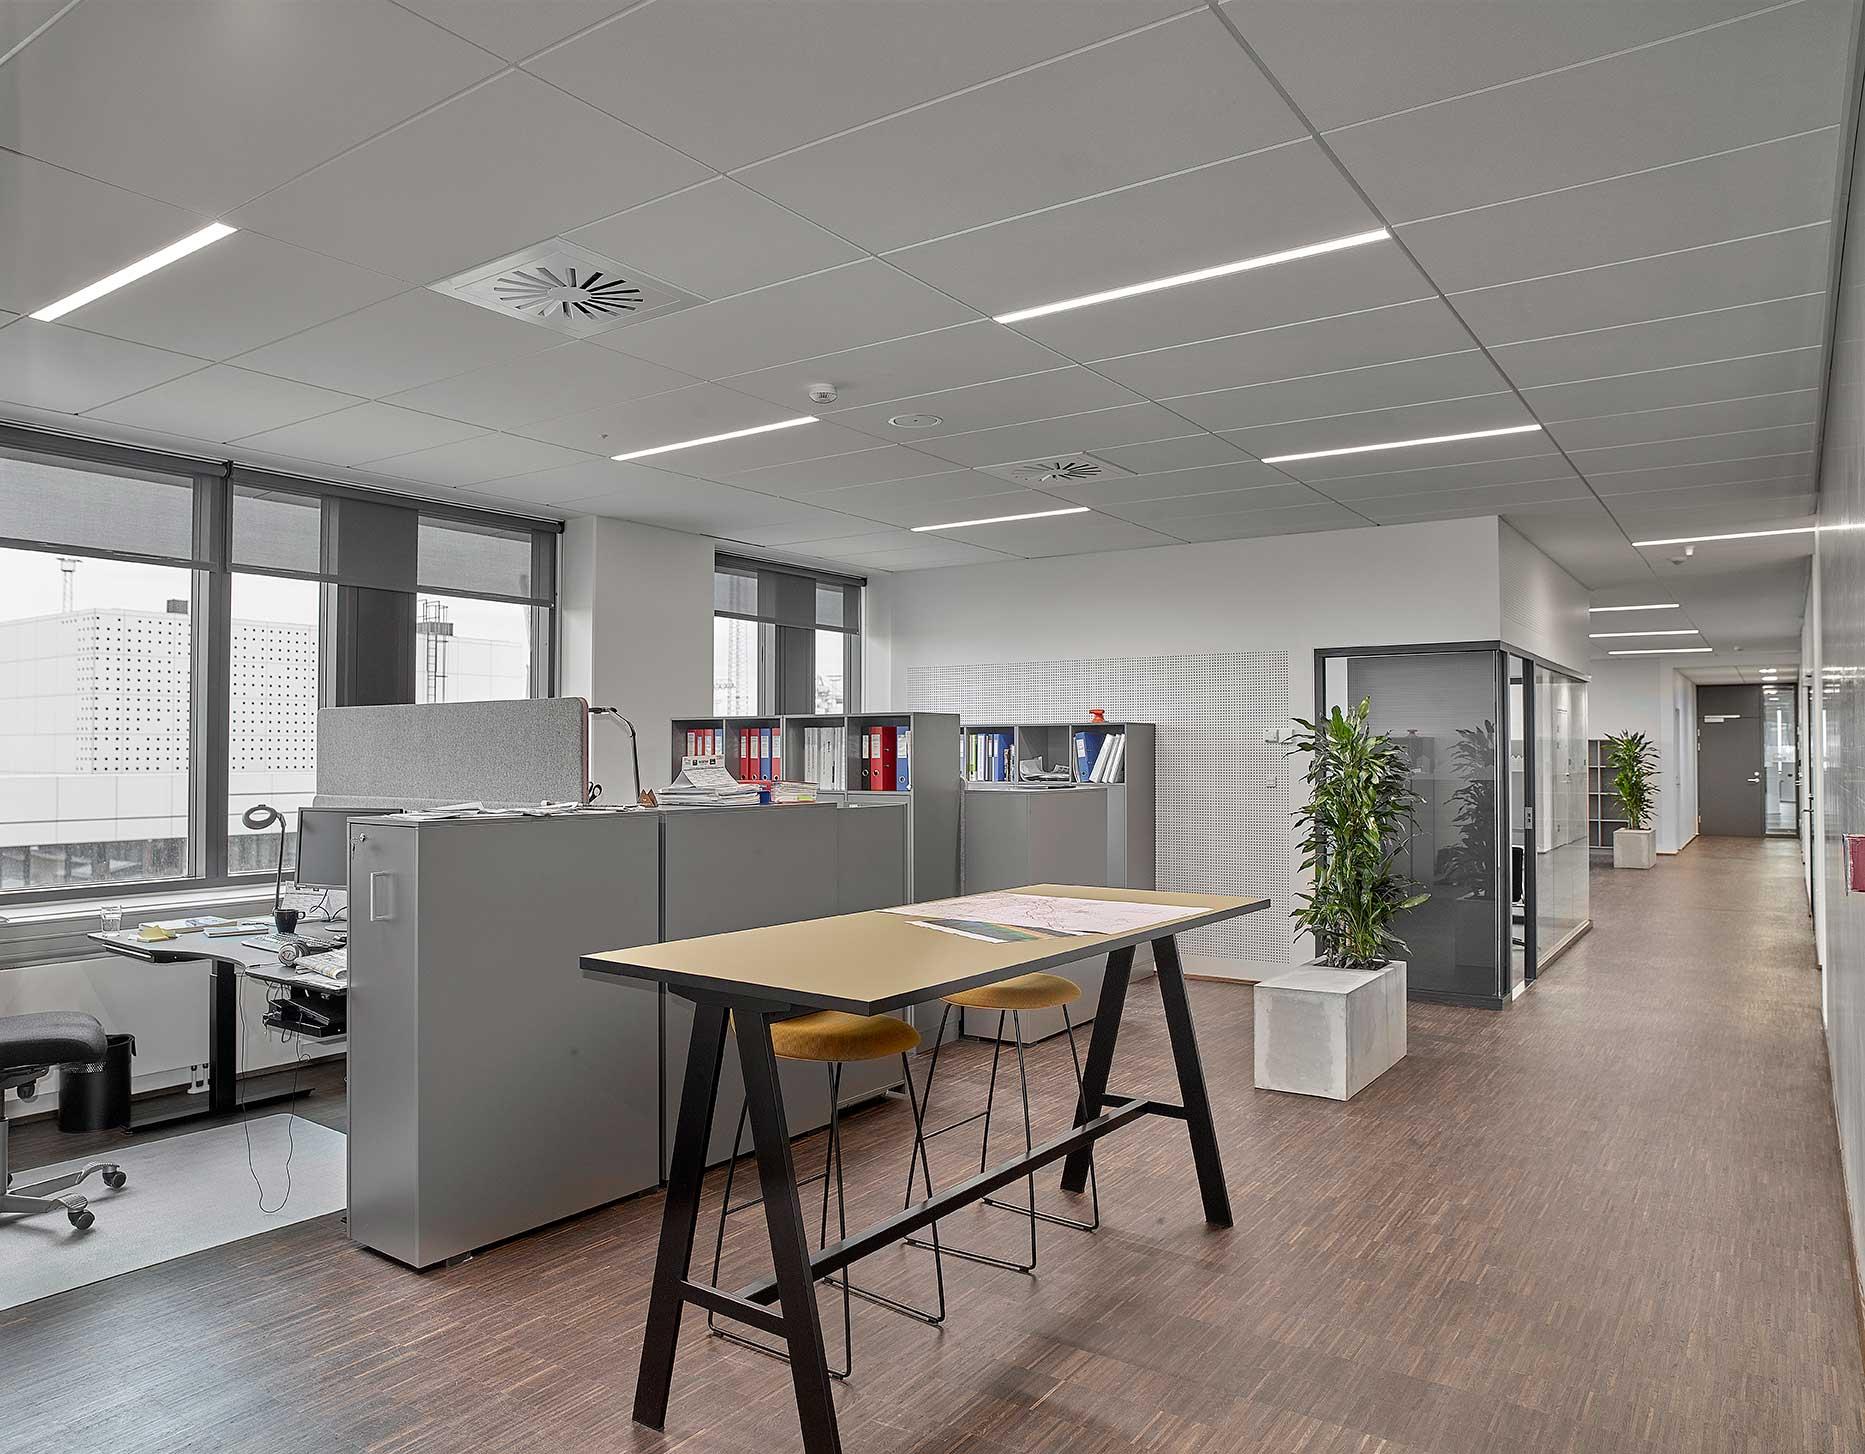 Matric Recessed Frameless M1 lampe indbygget i loftet ved de åbne kontorer og gang arealer - Luminex